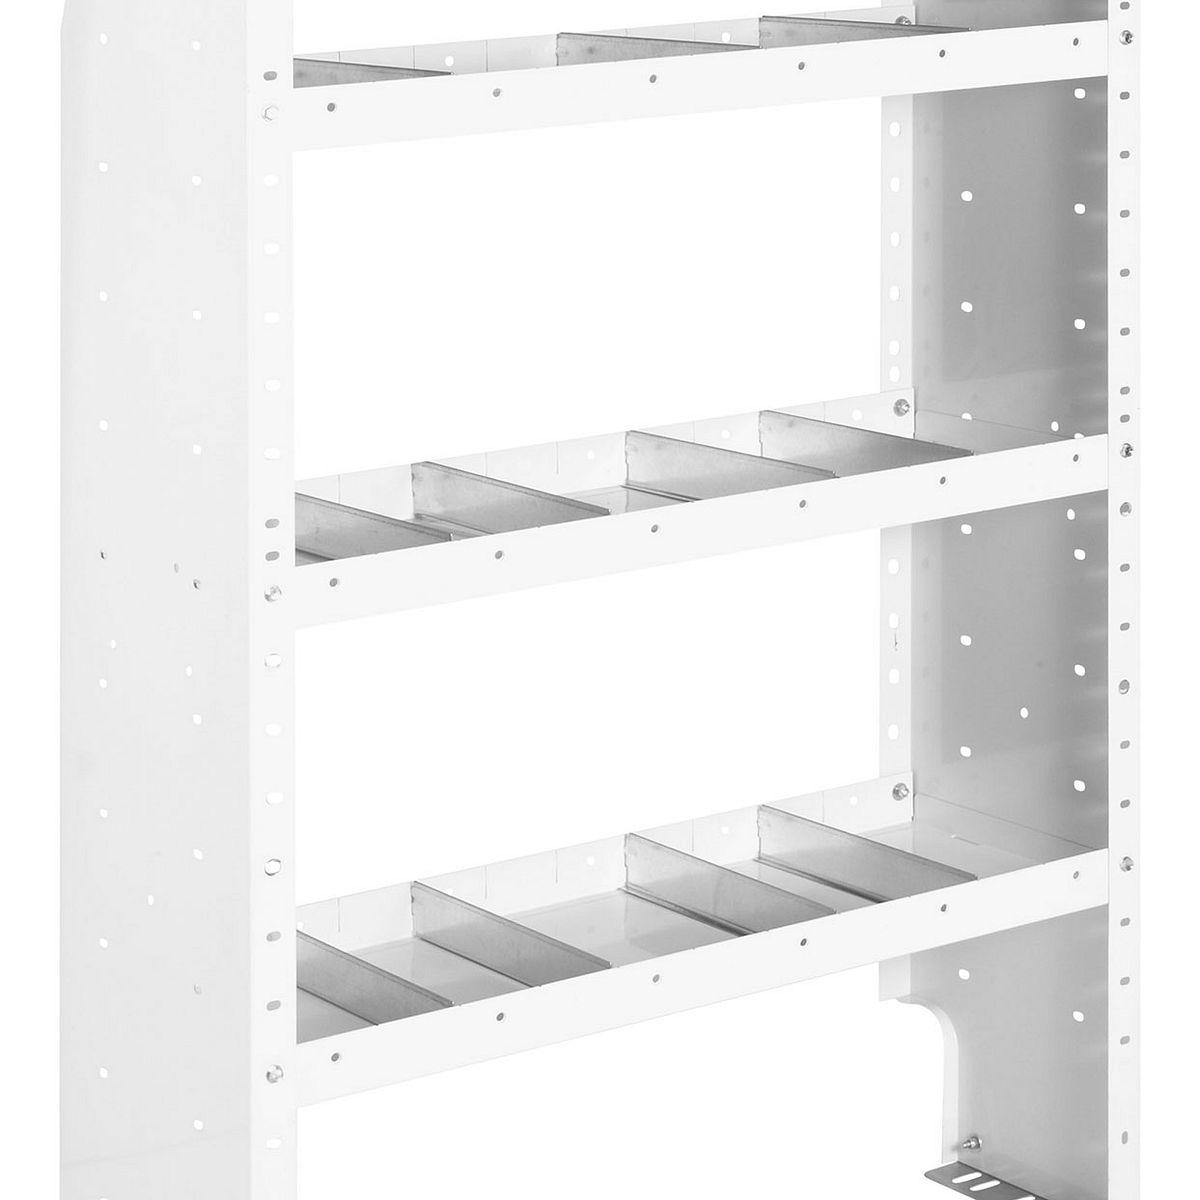 44in x 52in x 16in Weatherguard Heavy Duty Adjustable 3 Shelf Unit